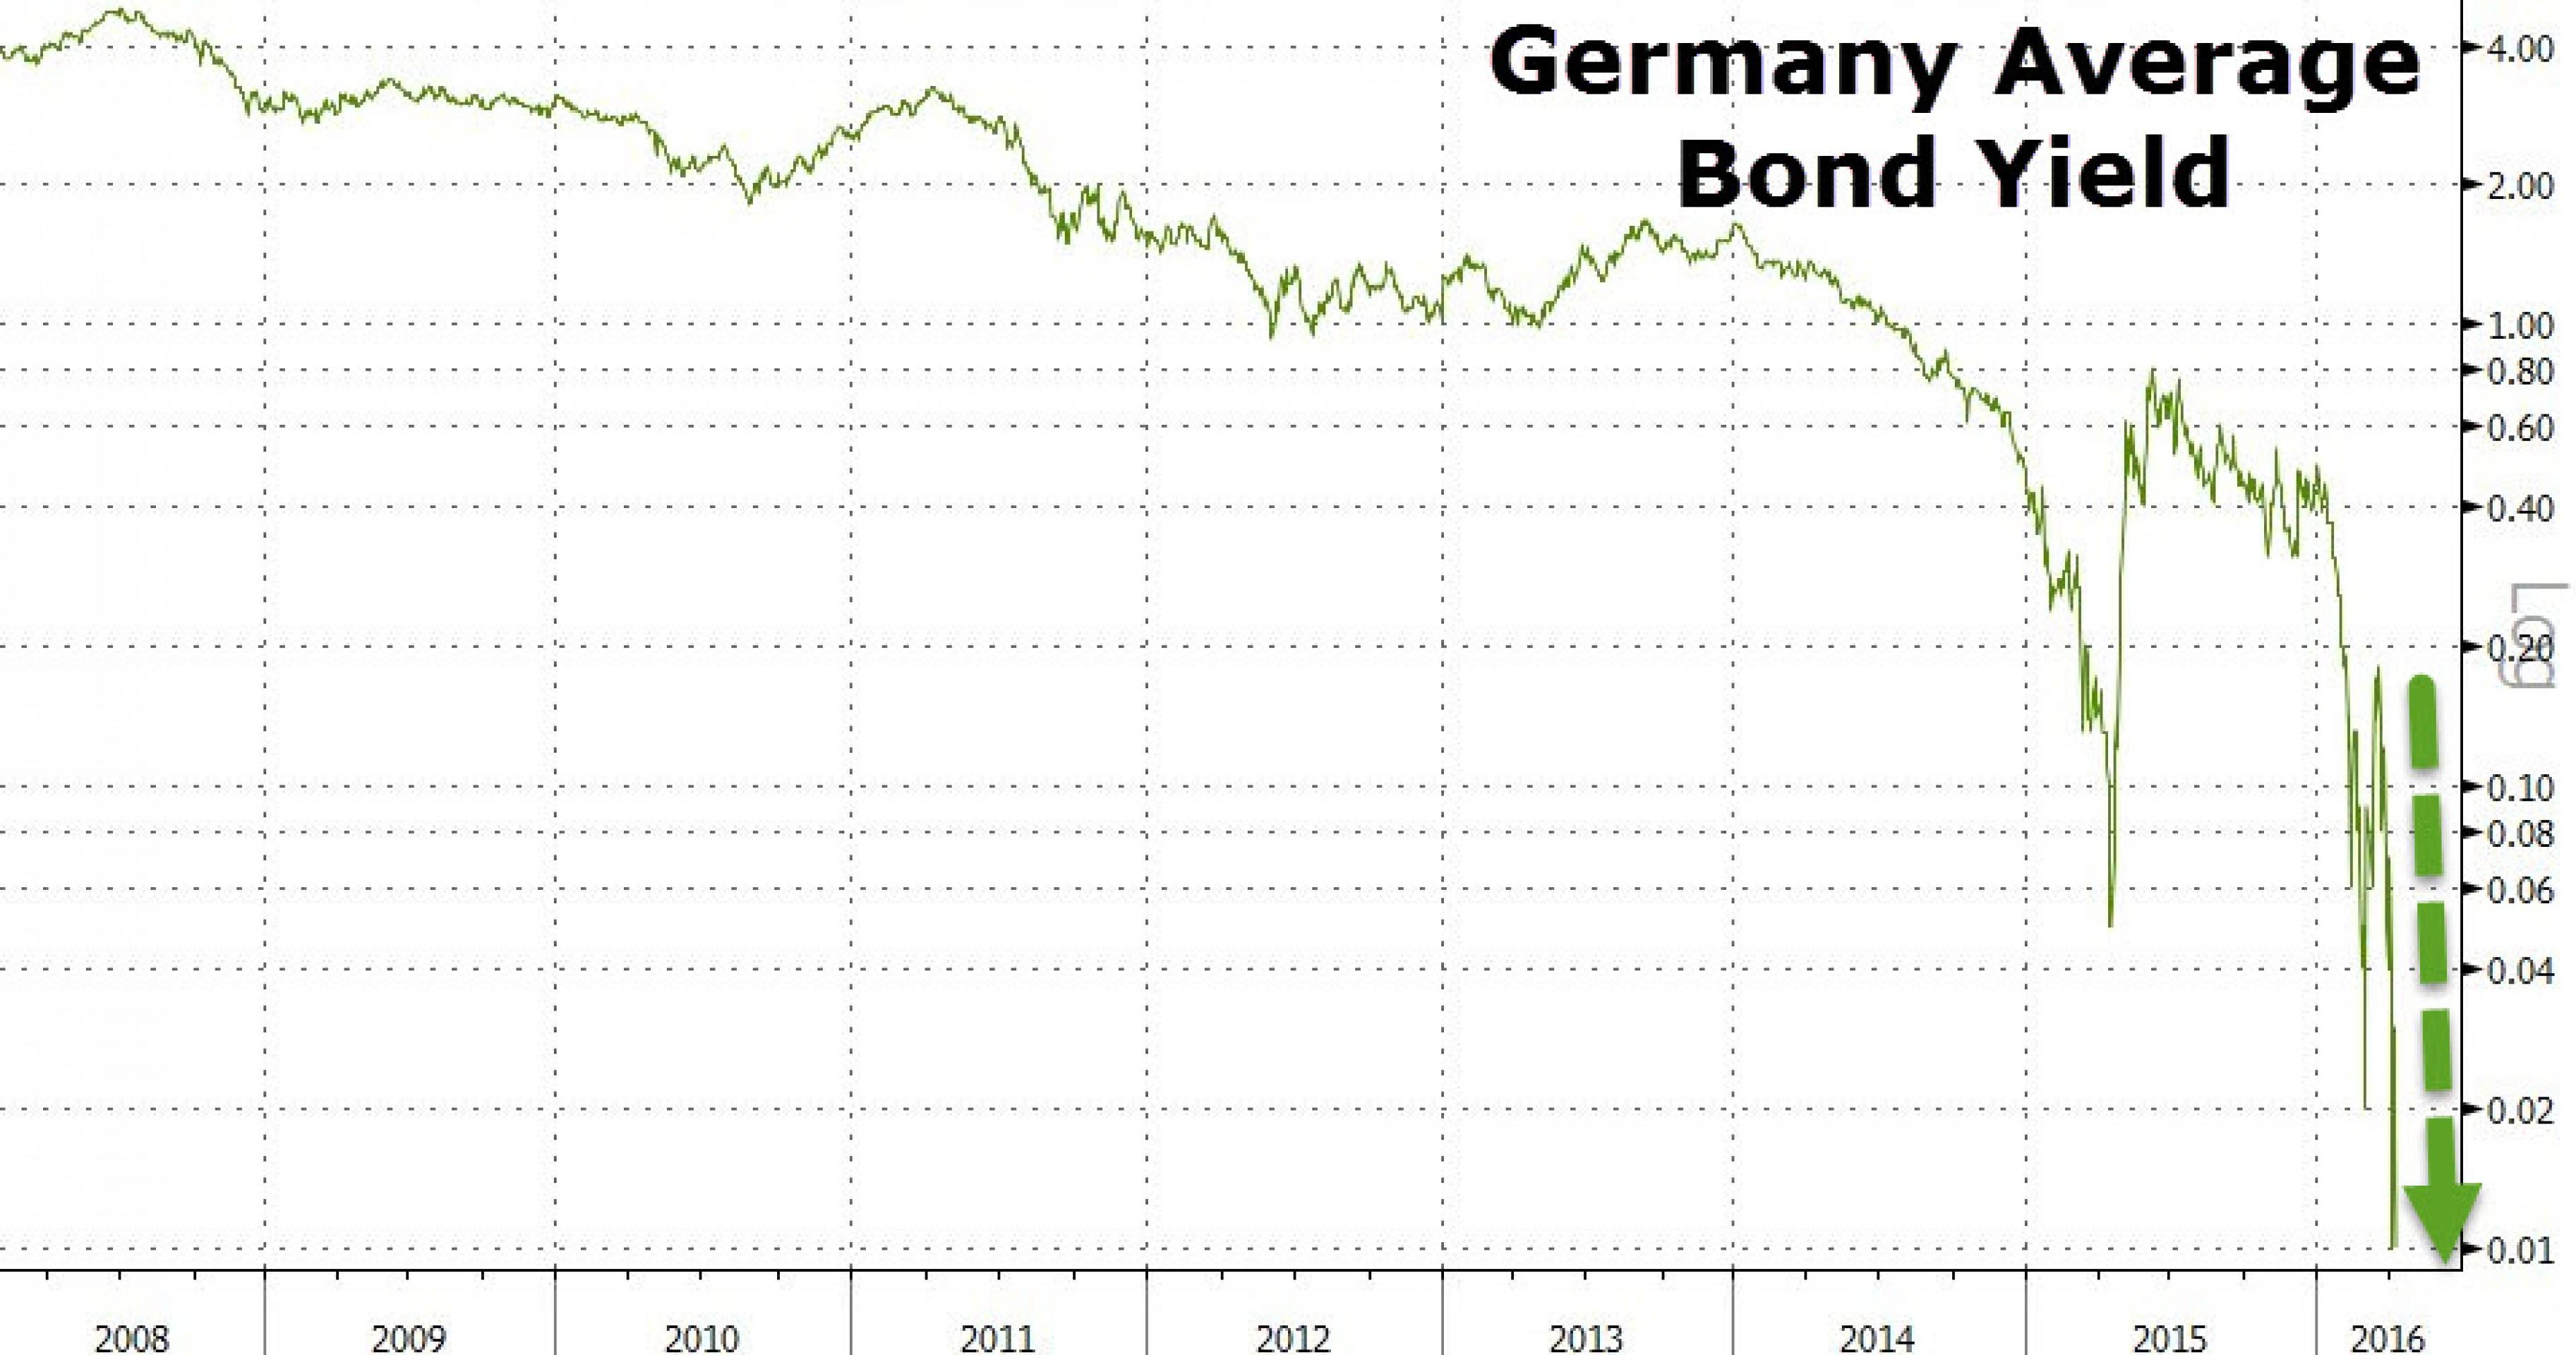 Впервые доходность облигаций Германии упала до 0%